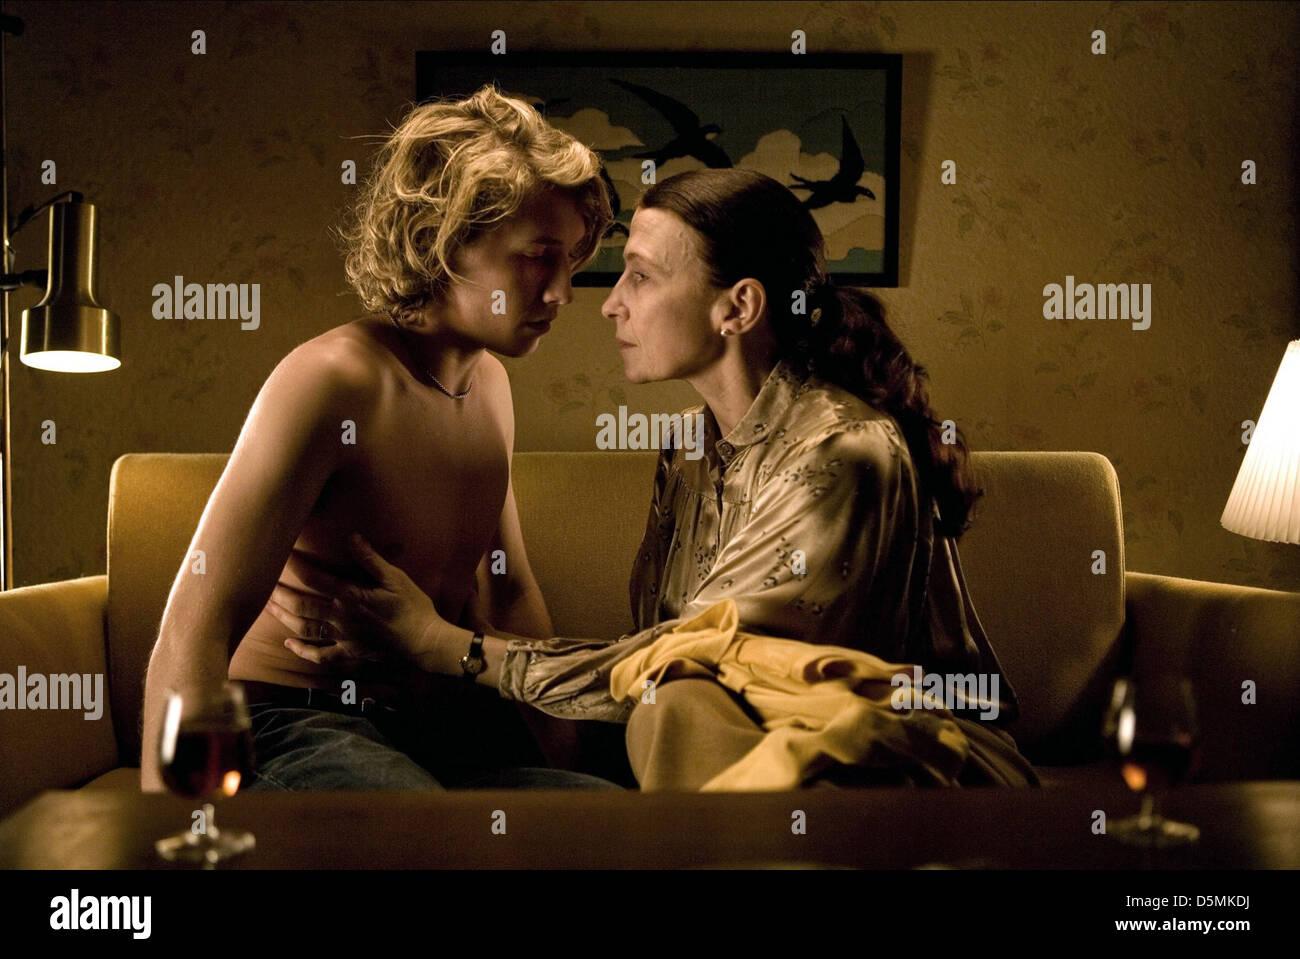 SEBASTIAN JESSEN & BODIL JORGENSEN NOTHING'S ALL BAD (2010) - Stock Image